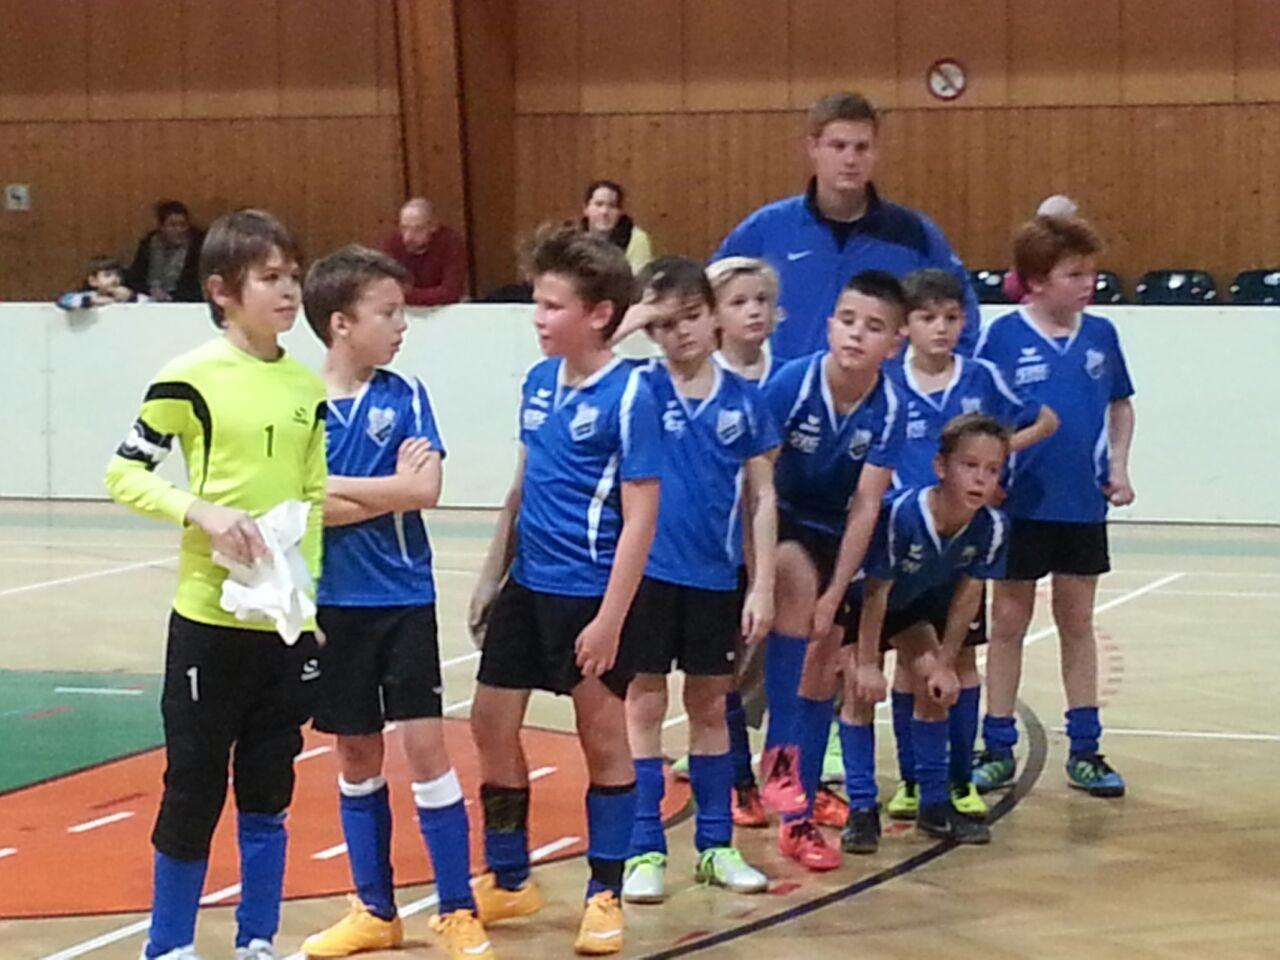 Hallenturnier FC Mariahilf - 3. Platz